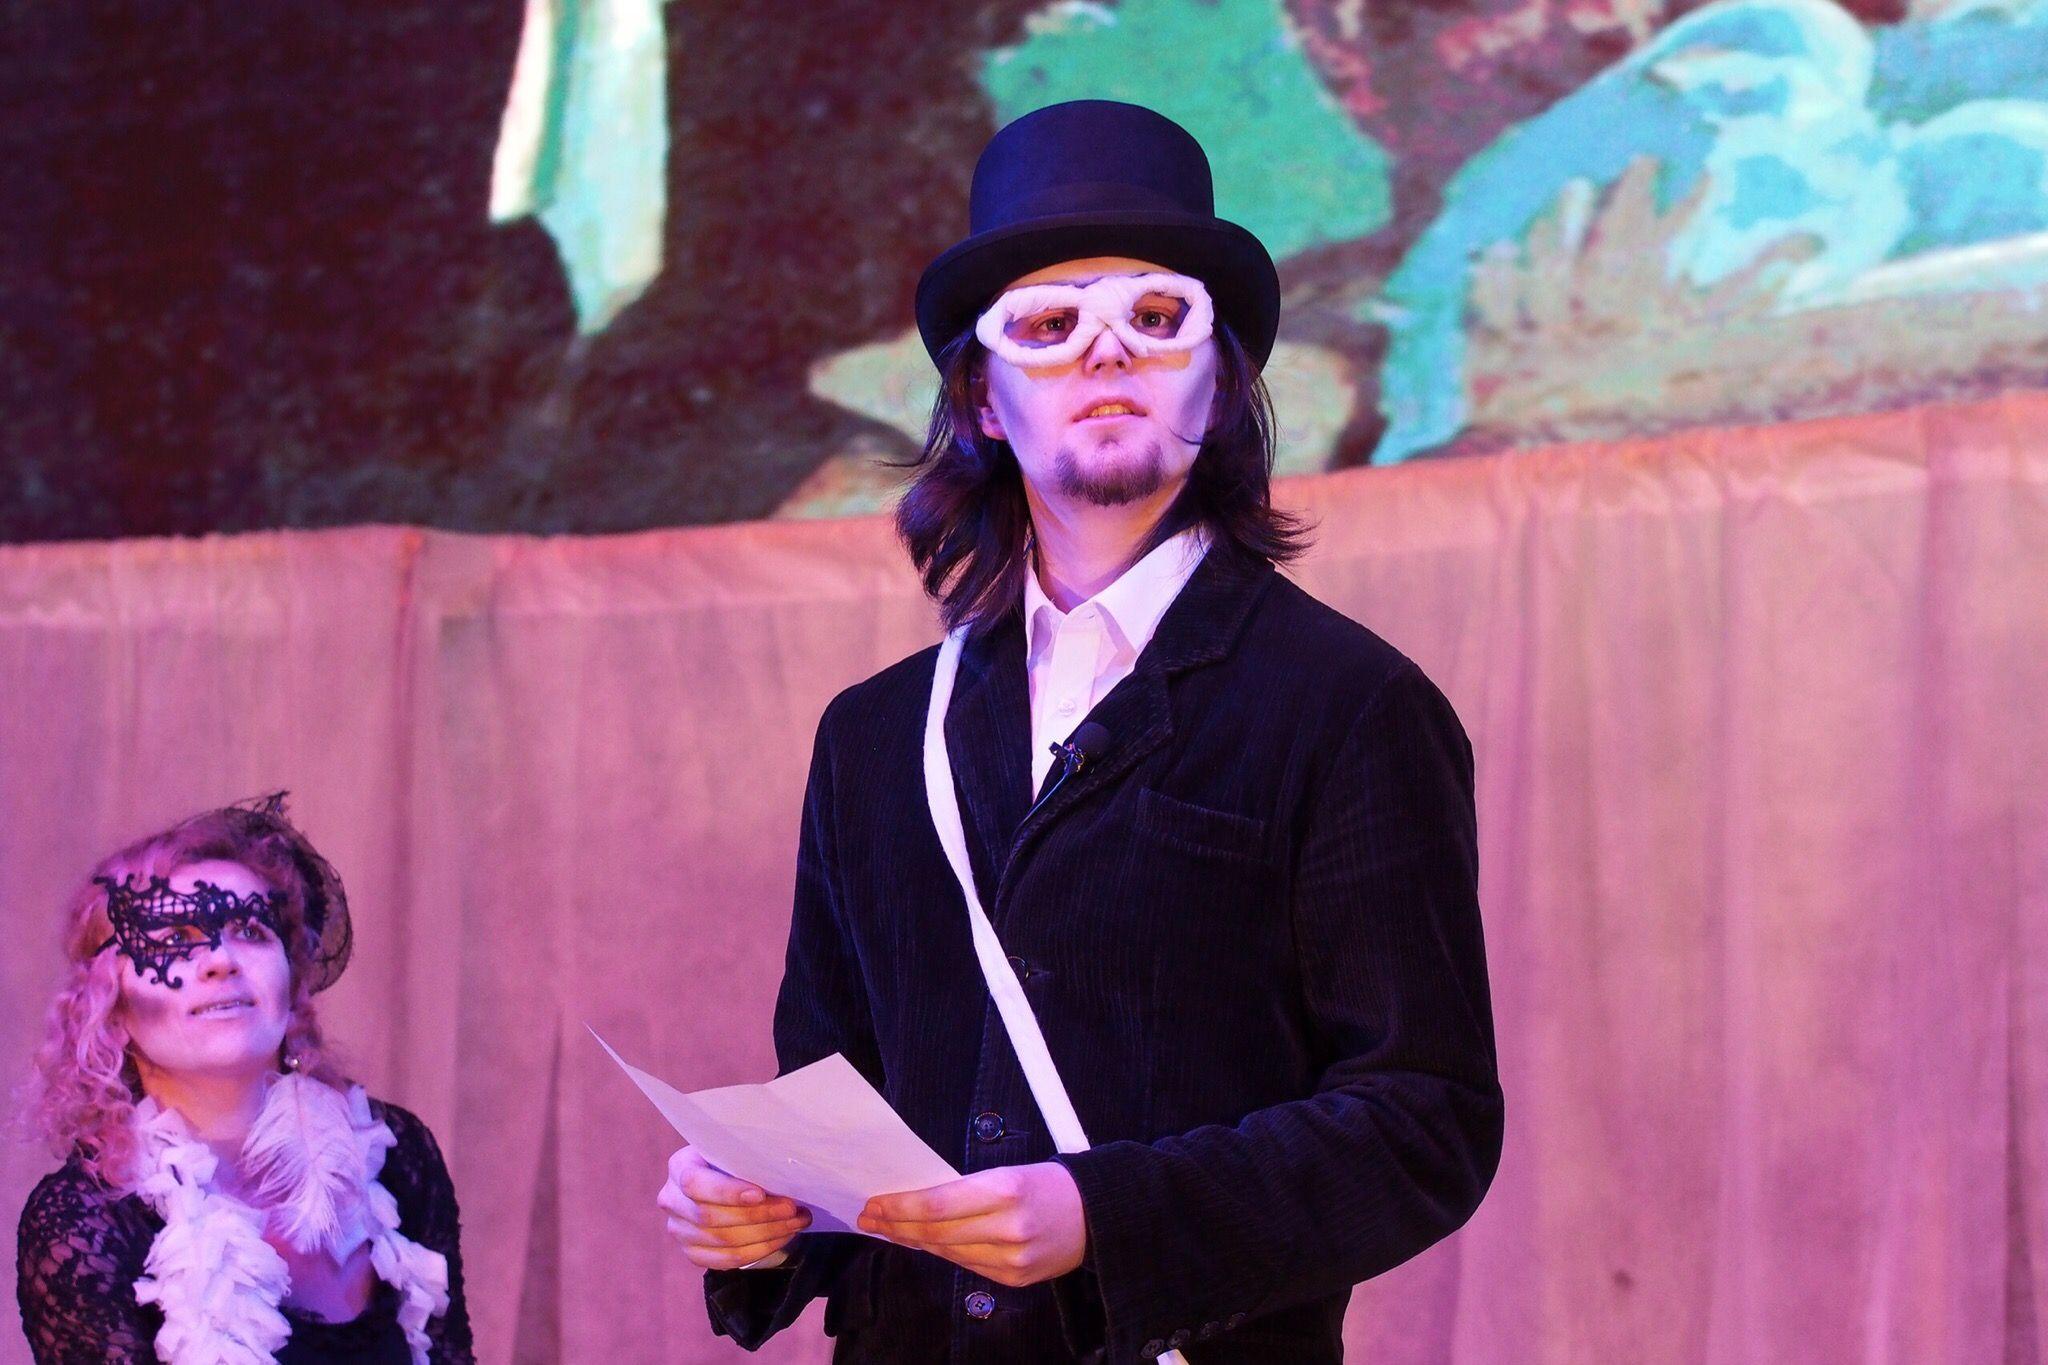 Юбилей Народного Драматического Театра в «Братееве» отметят необычным спектаклем